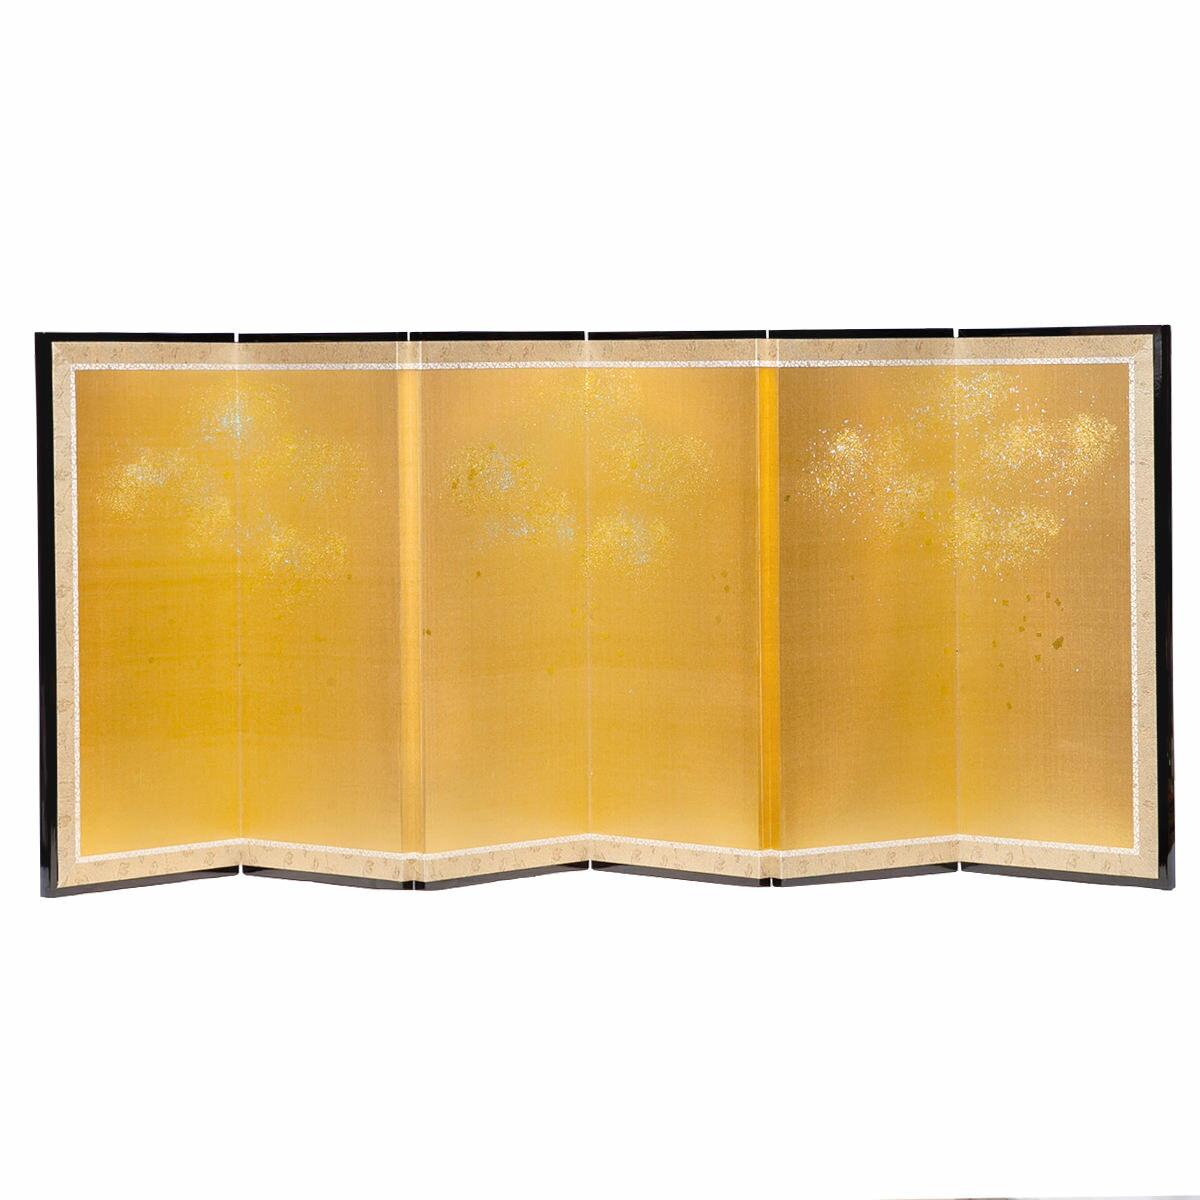 雛人形 単品屏風 六曲一本 砂子屏風 送料無料 [高さ39cm]六曲一本屏風です。三五~京八・十番サイズに合う大きさです。